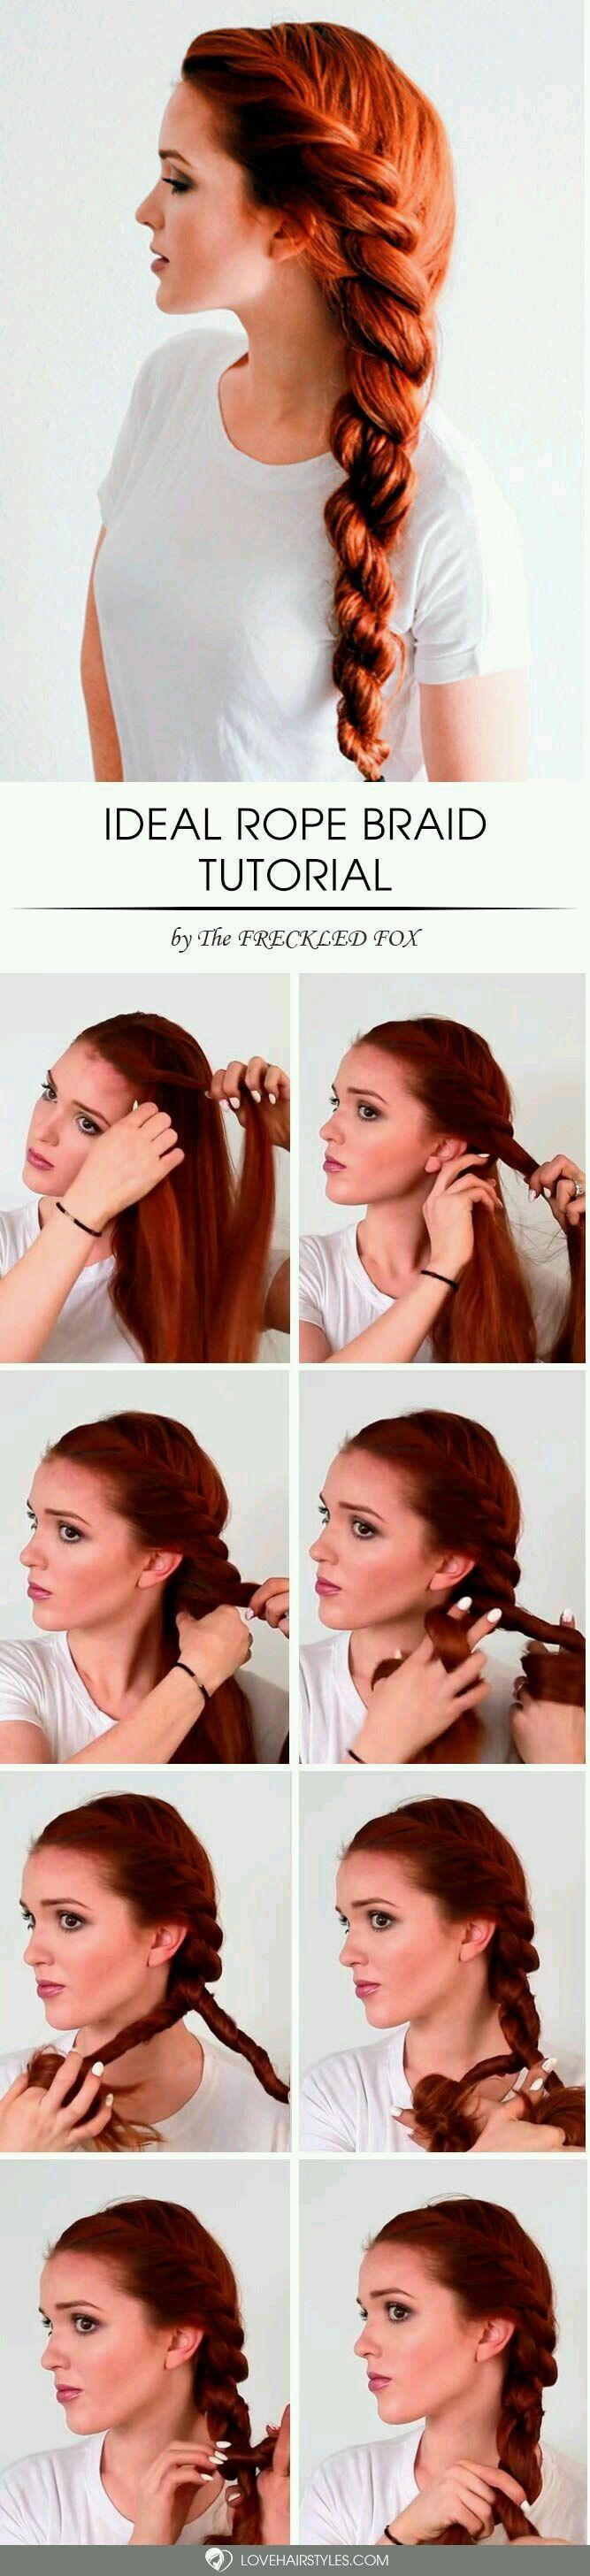 249 best lovely hair style images on Pinterest